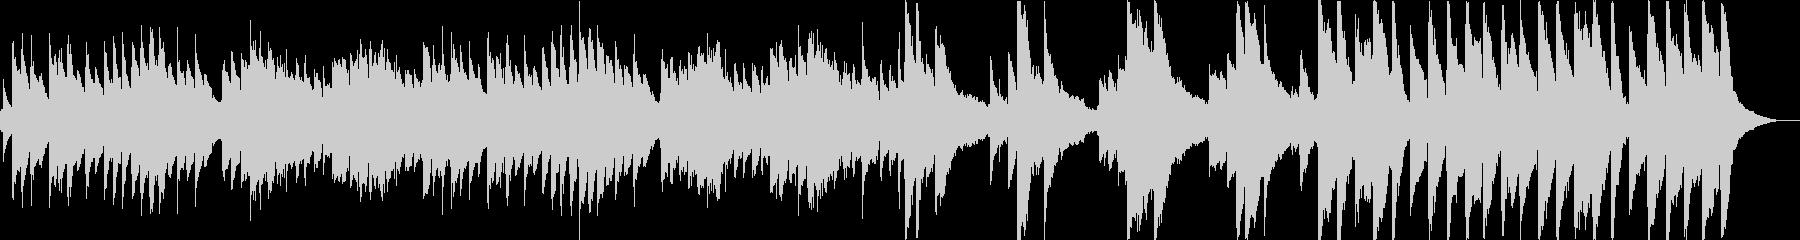 輝くような綺麗な音色が特徴のアコギ曲の未再生の波形